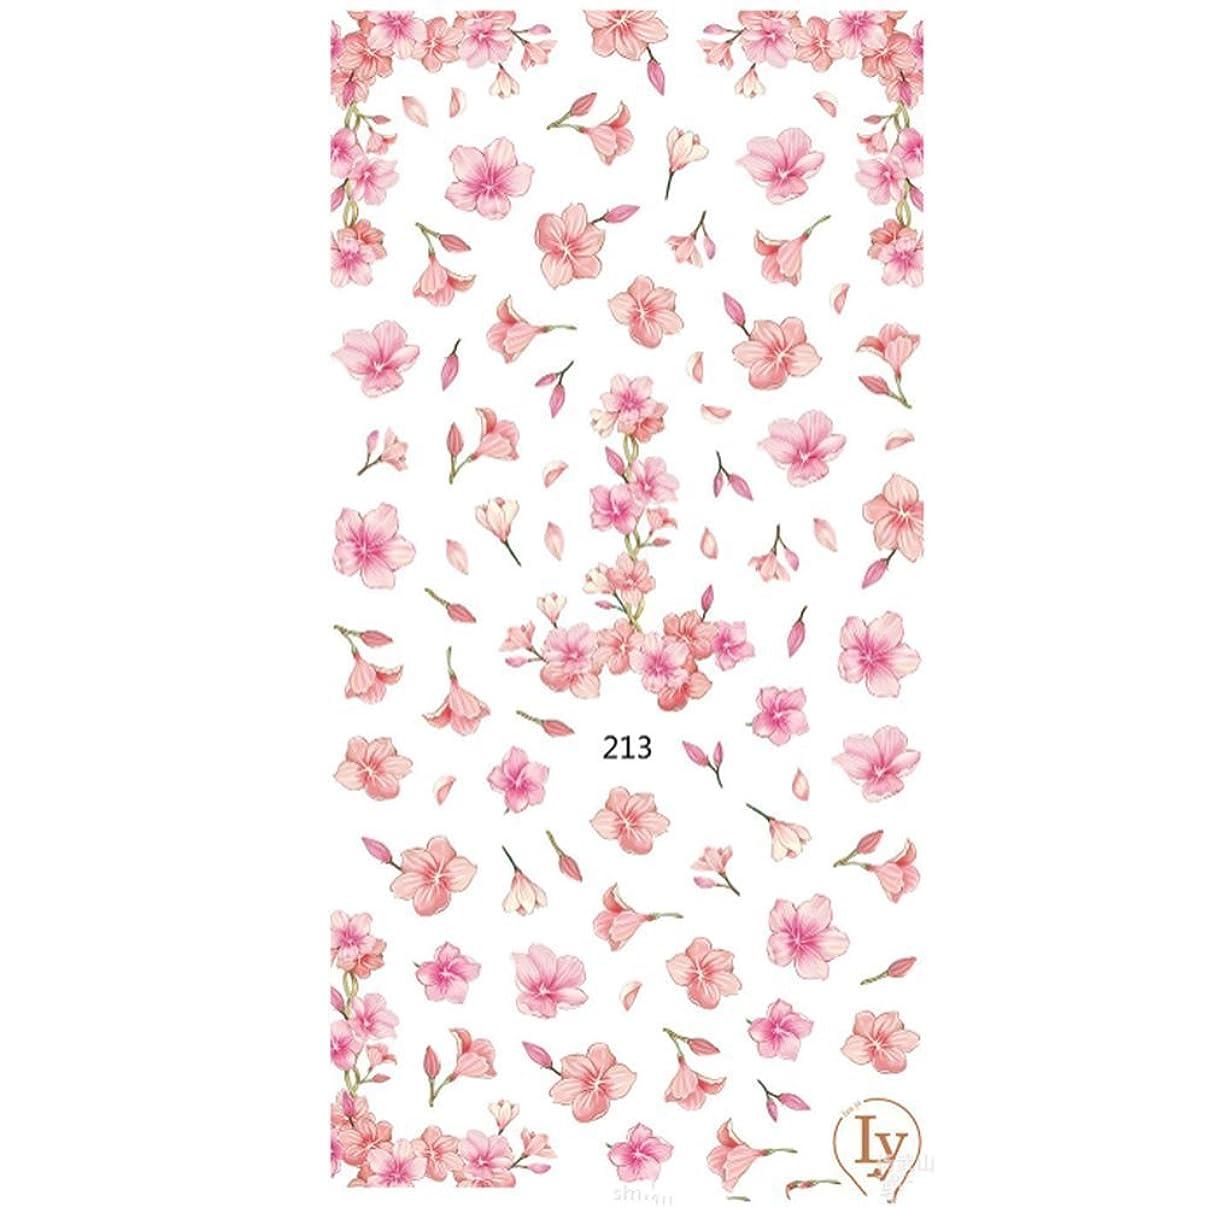 スペイン語アラブ人改修するネイルステッカー 1シート 桜 フラワー 花 パターン 3Dシール ネイルステッカー ネイルシール ネイルアート ネイルデコ